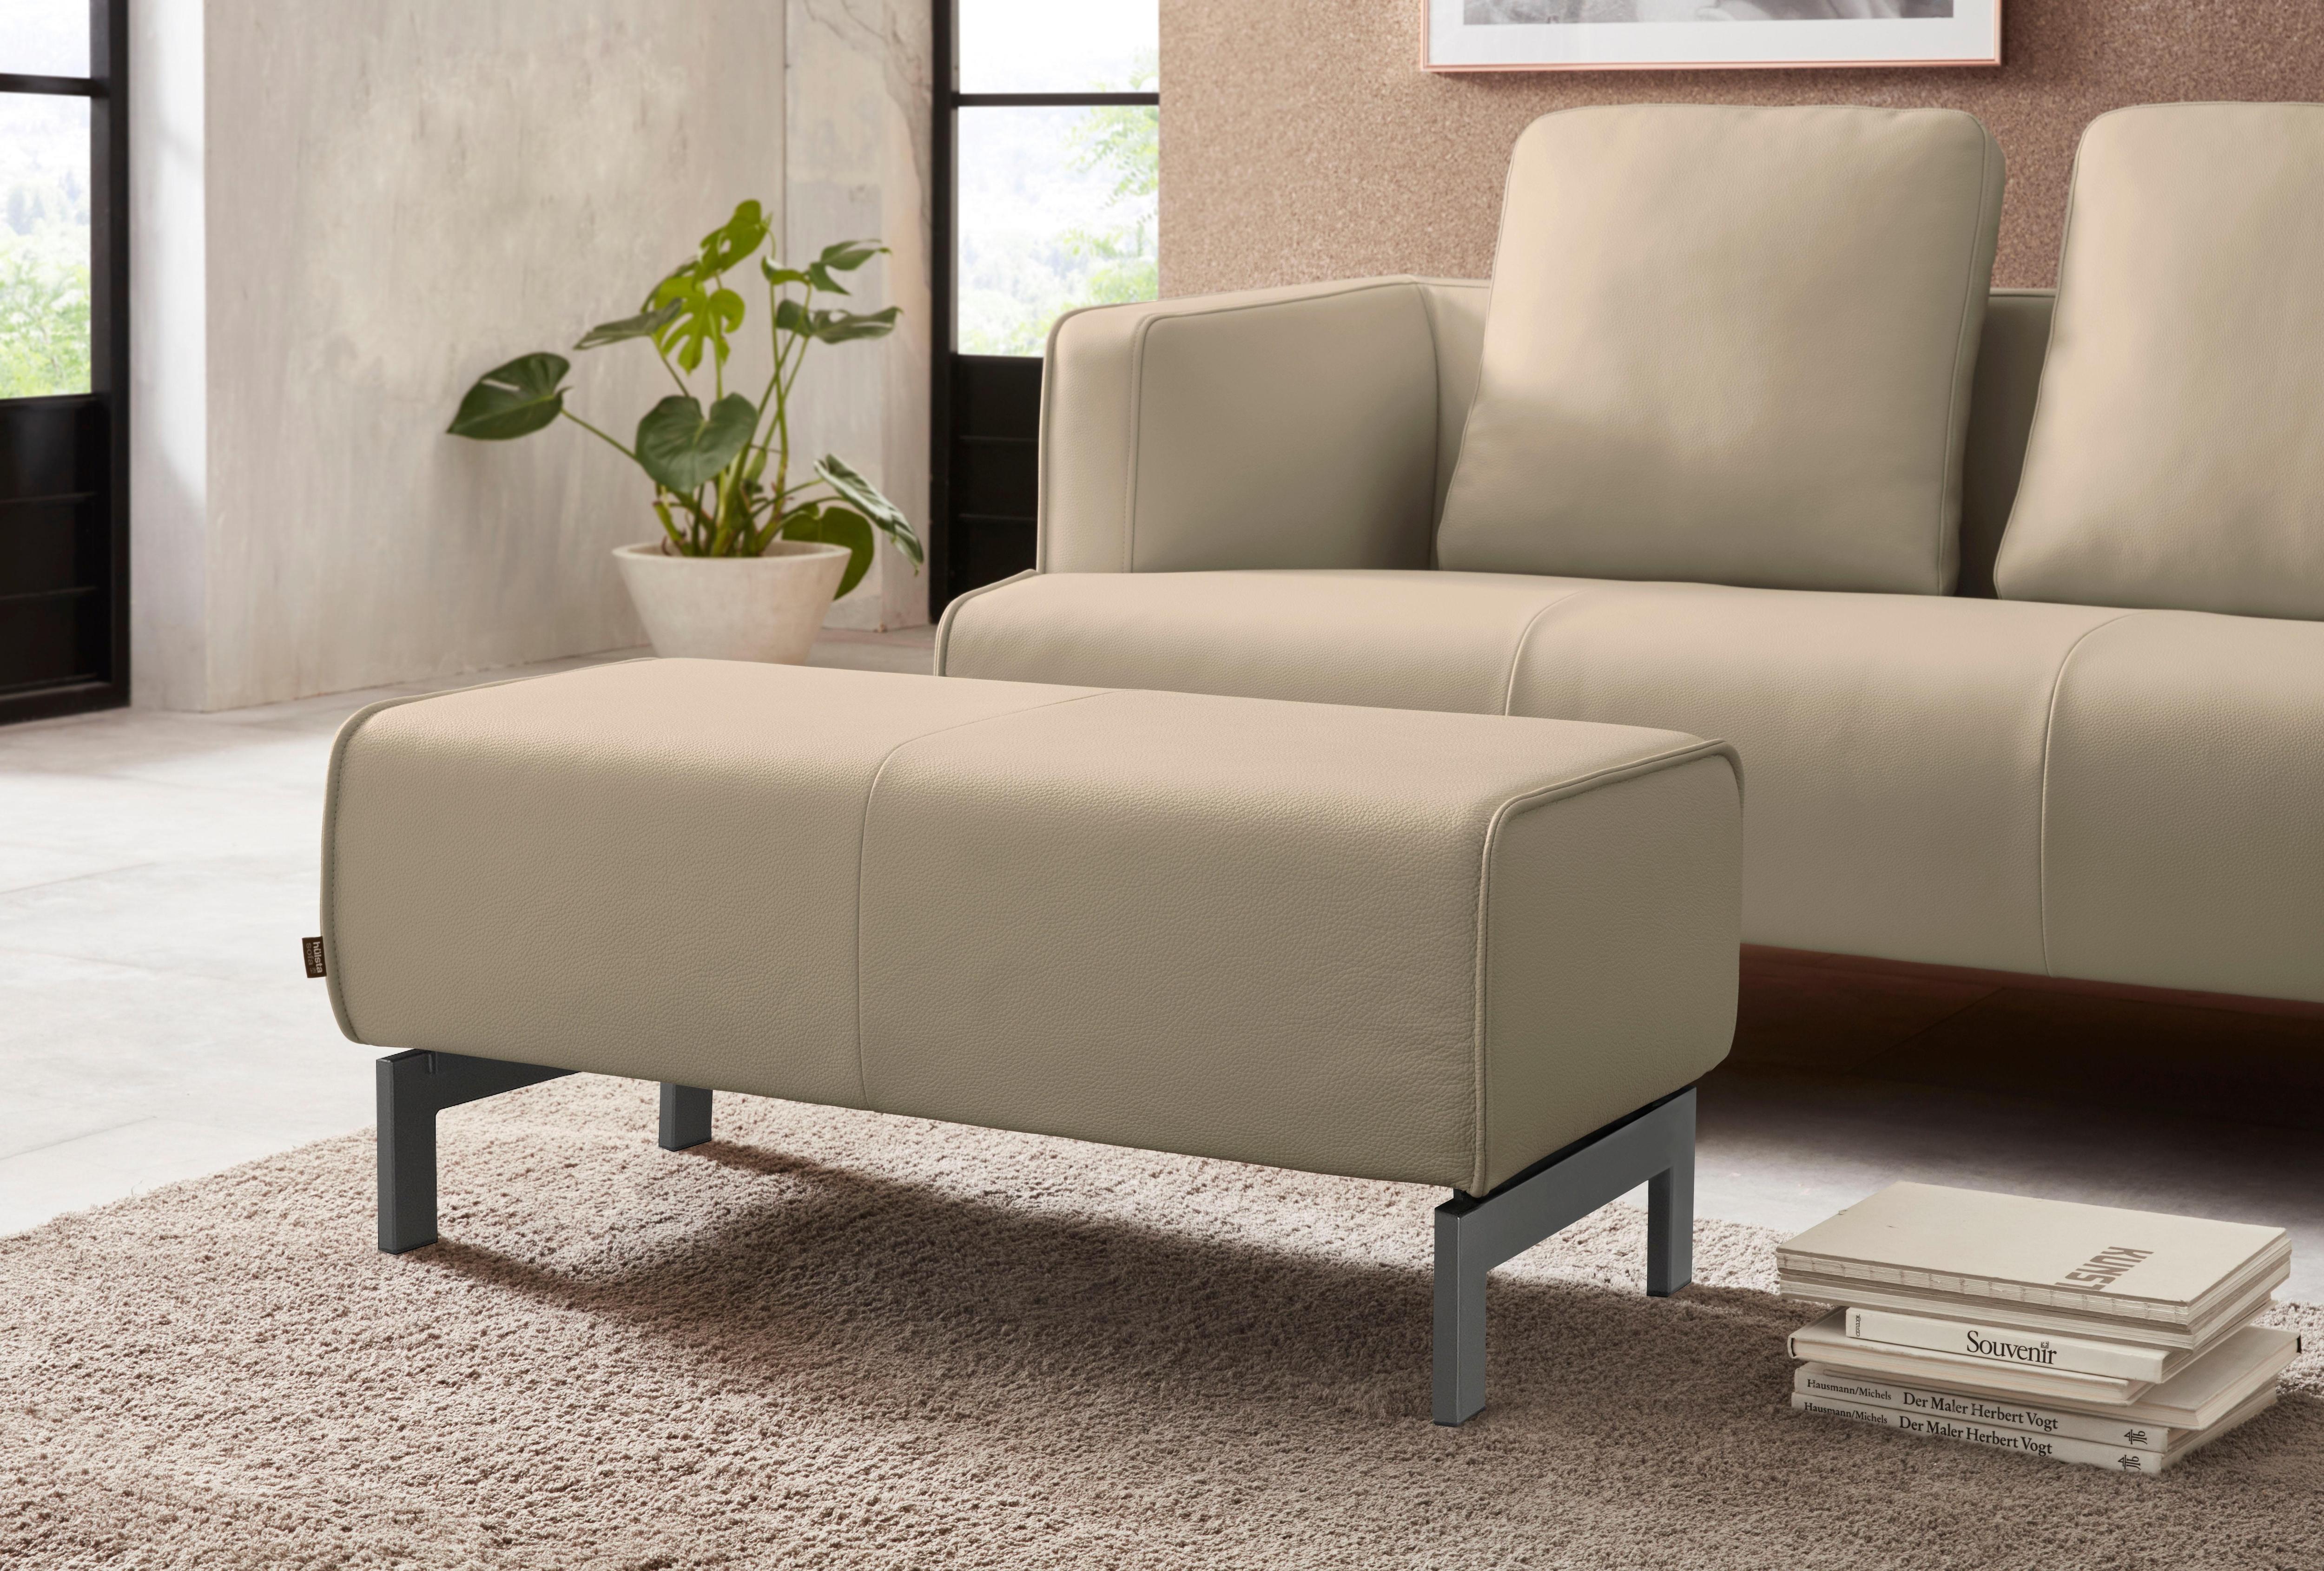 sofa hocker leder excellent wohnzimmer hocker elegant joop lounge sessel joop sofa loft in. Black Bedroom Furniture Sets. Home Design Ideas